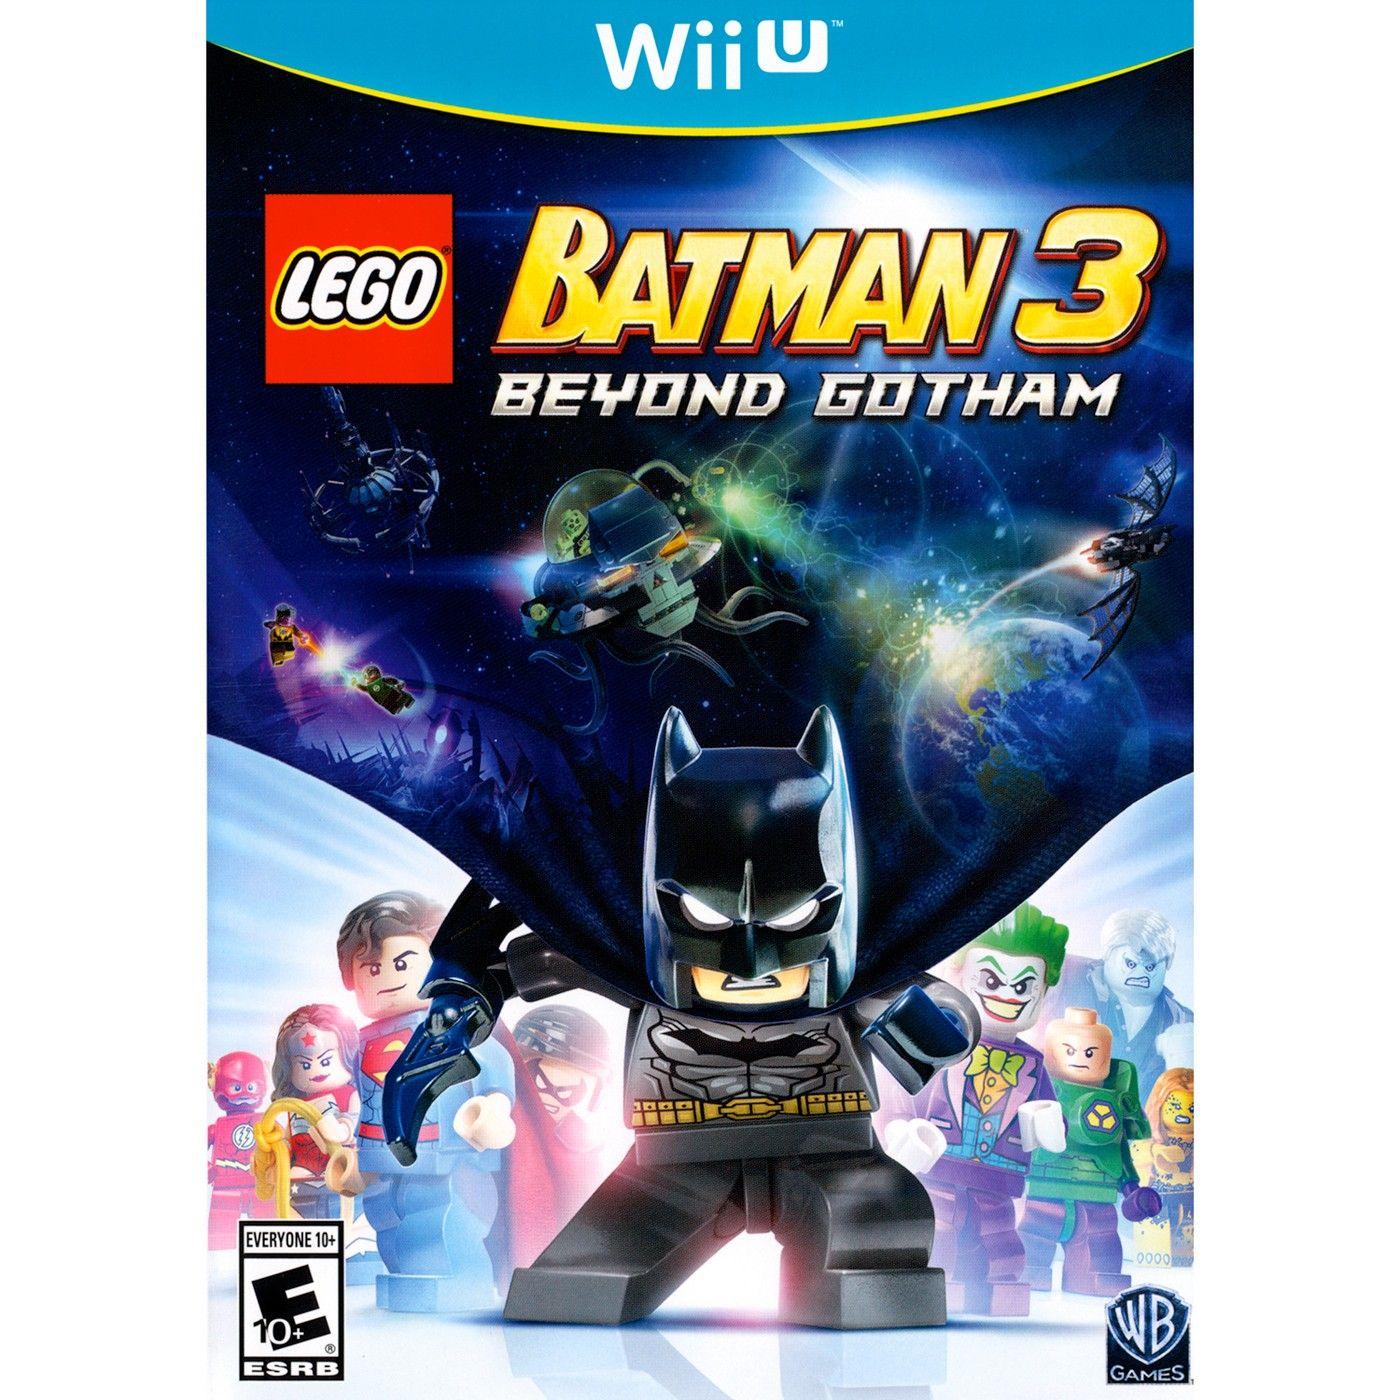 Lego Batman 3 Beyond Gotham Pre Owned Nintendo Wii U Gotham